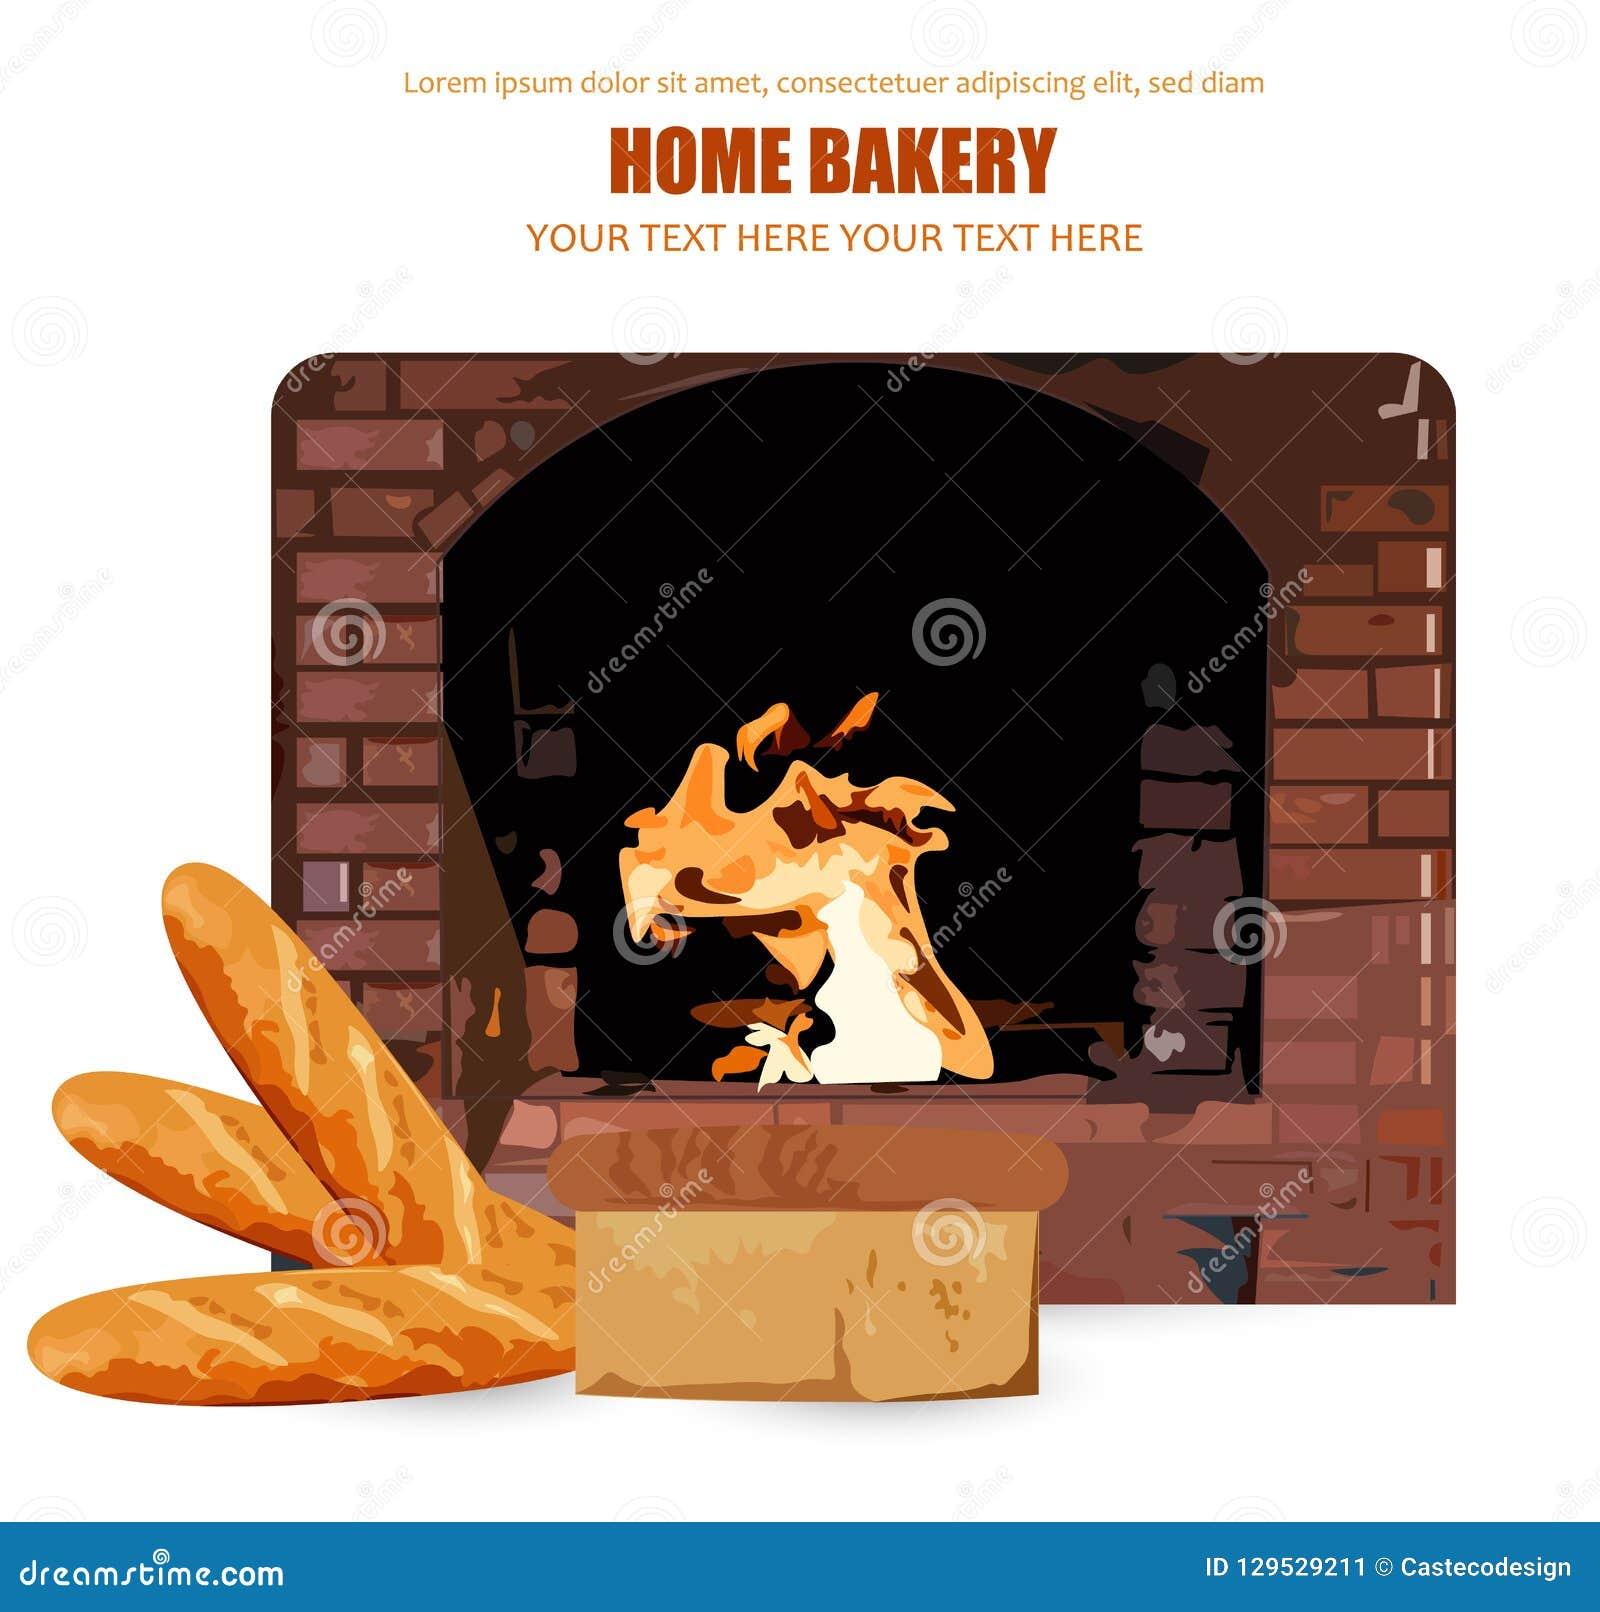 Vetor do pão caseiro Chama de queimadura do forno do tijolo no fundo Ilustrações do cartaz da padaria da casa